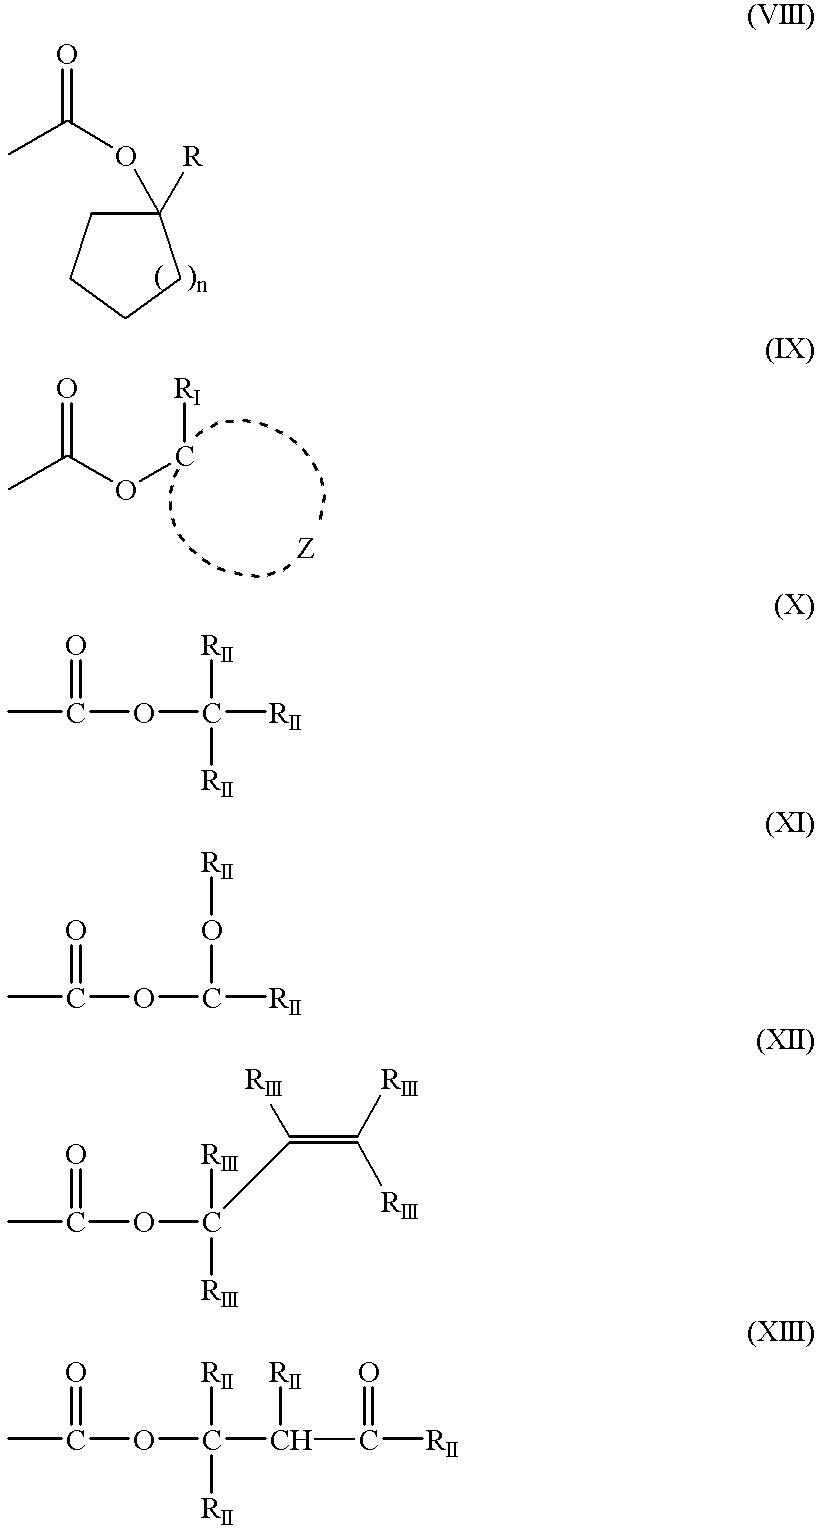 Figure US06329125-20011211-C00021